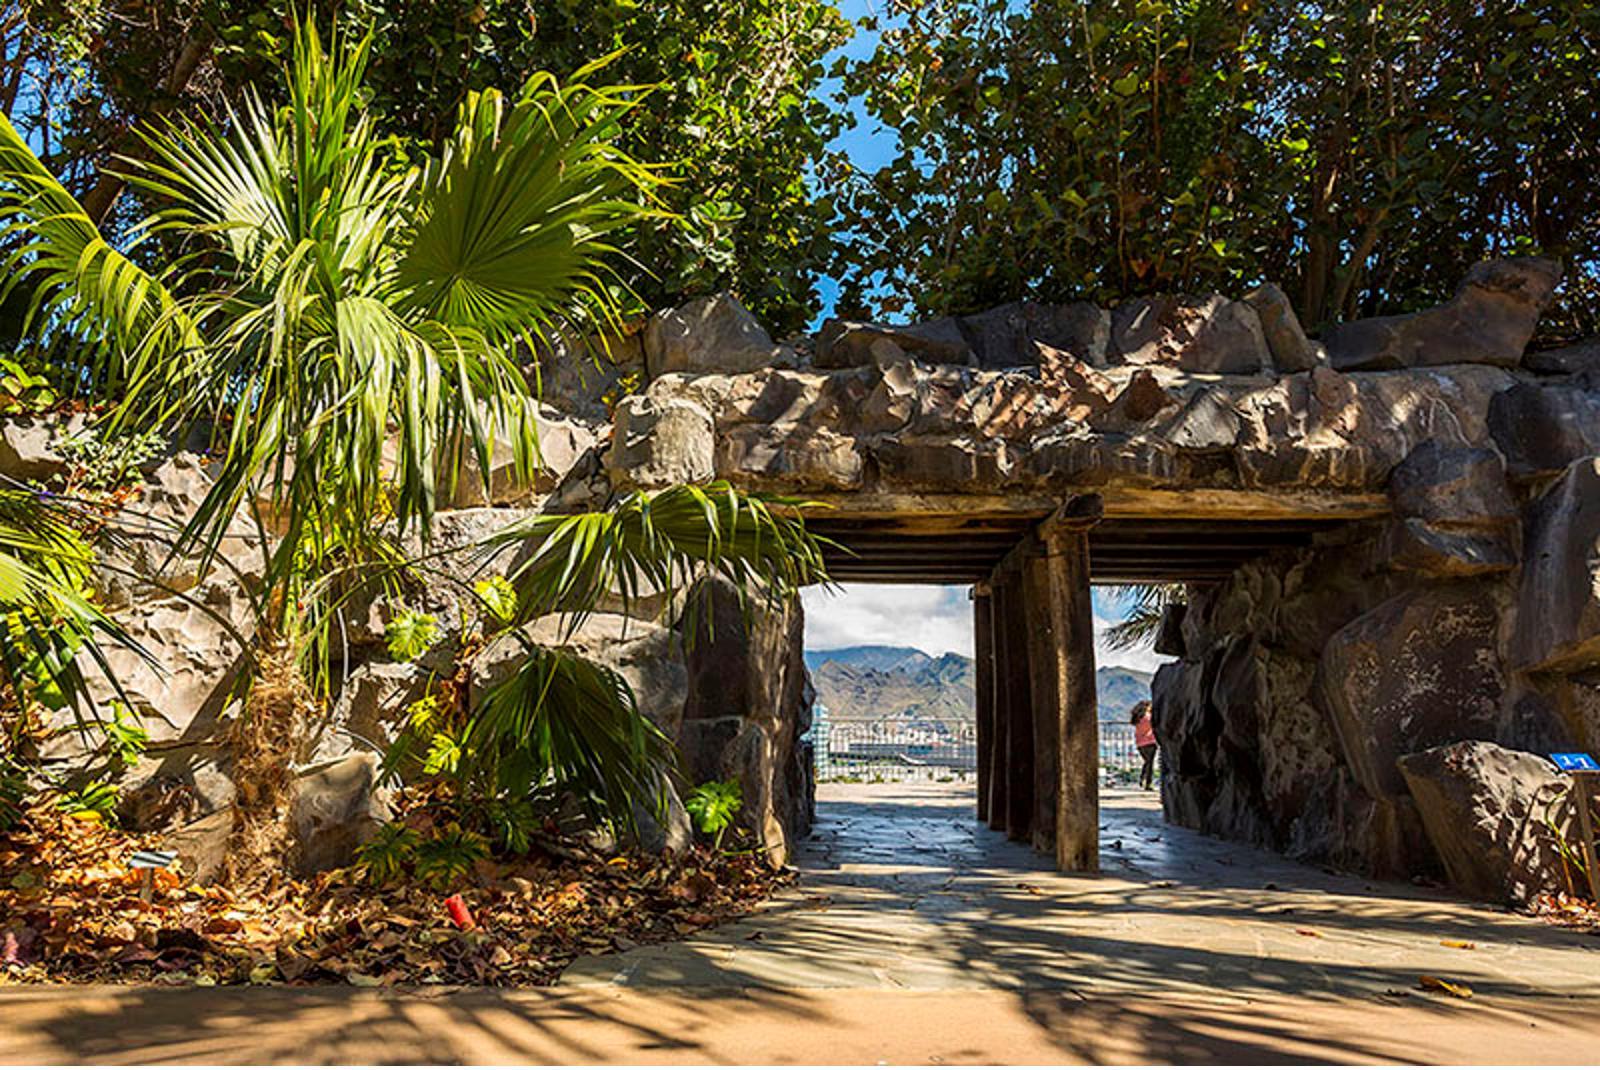 Visita-Jardin-Botanico-Palmetum-4